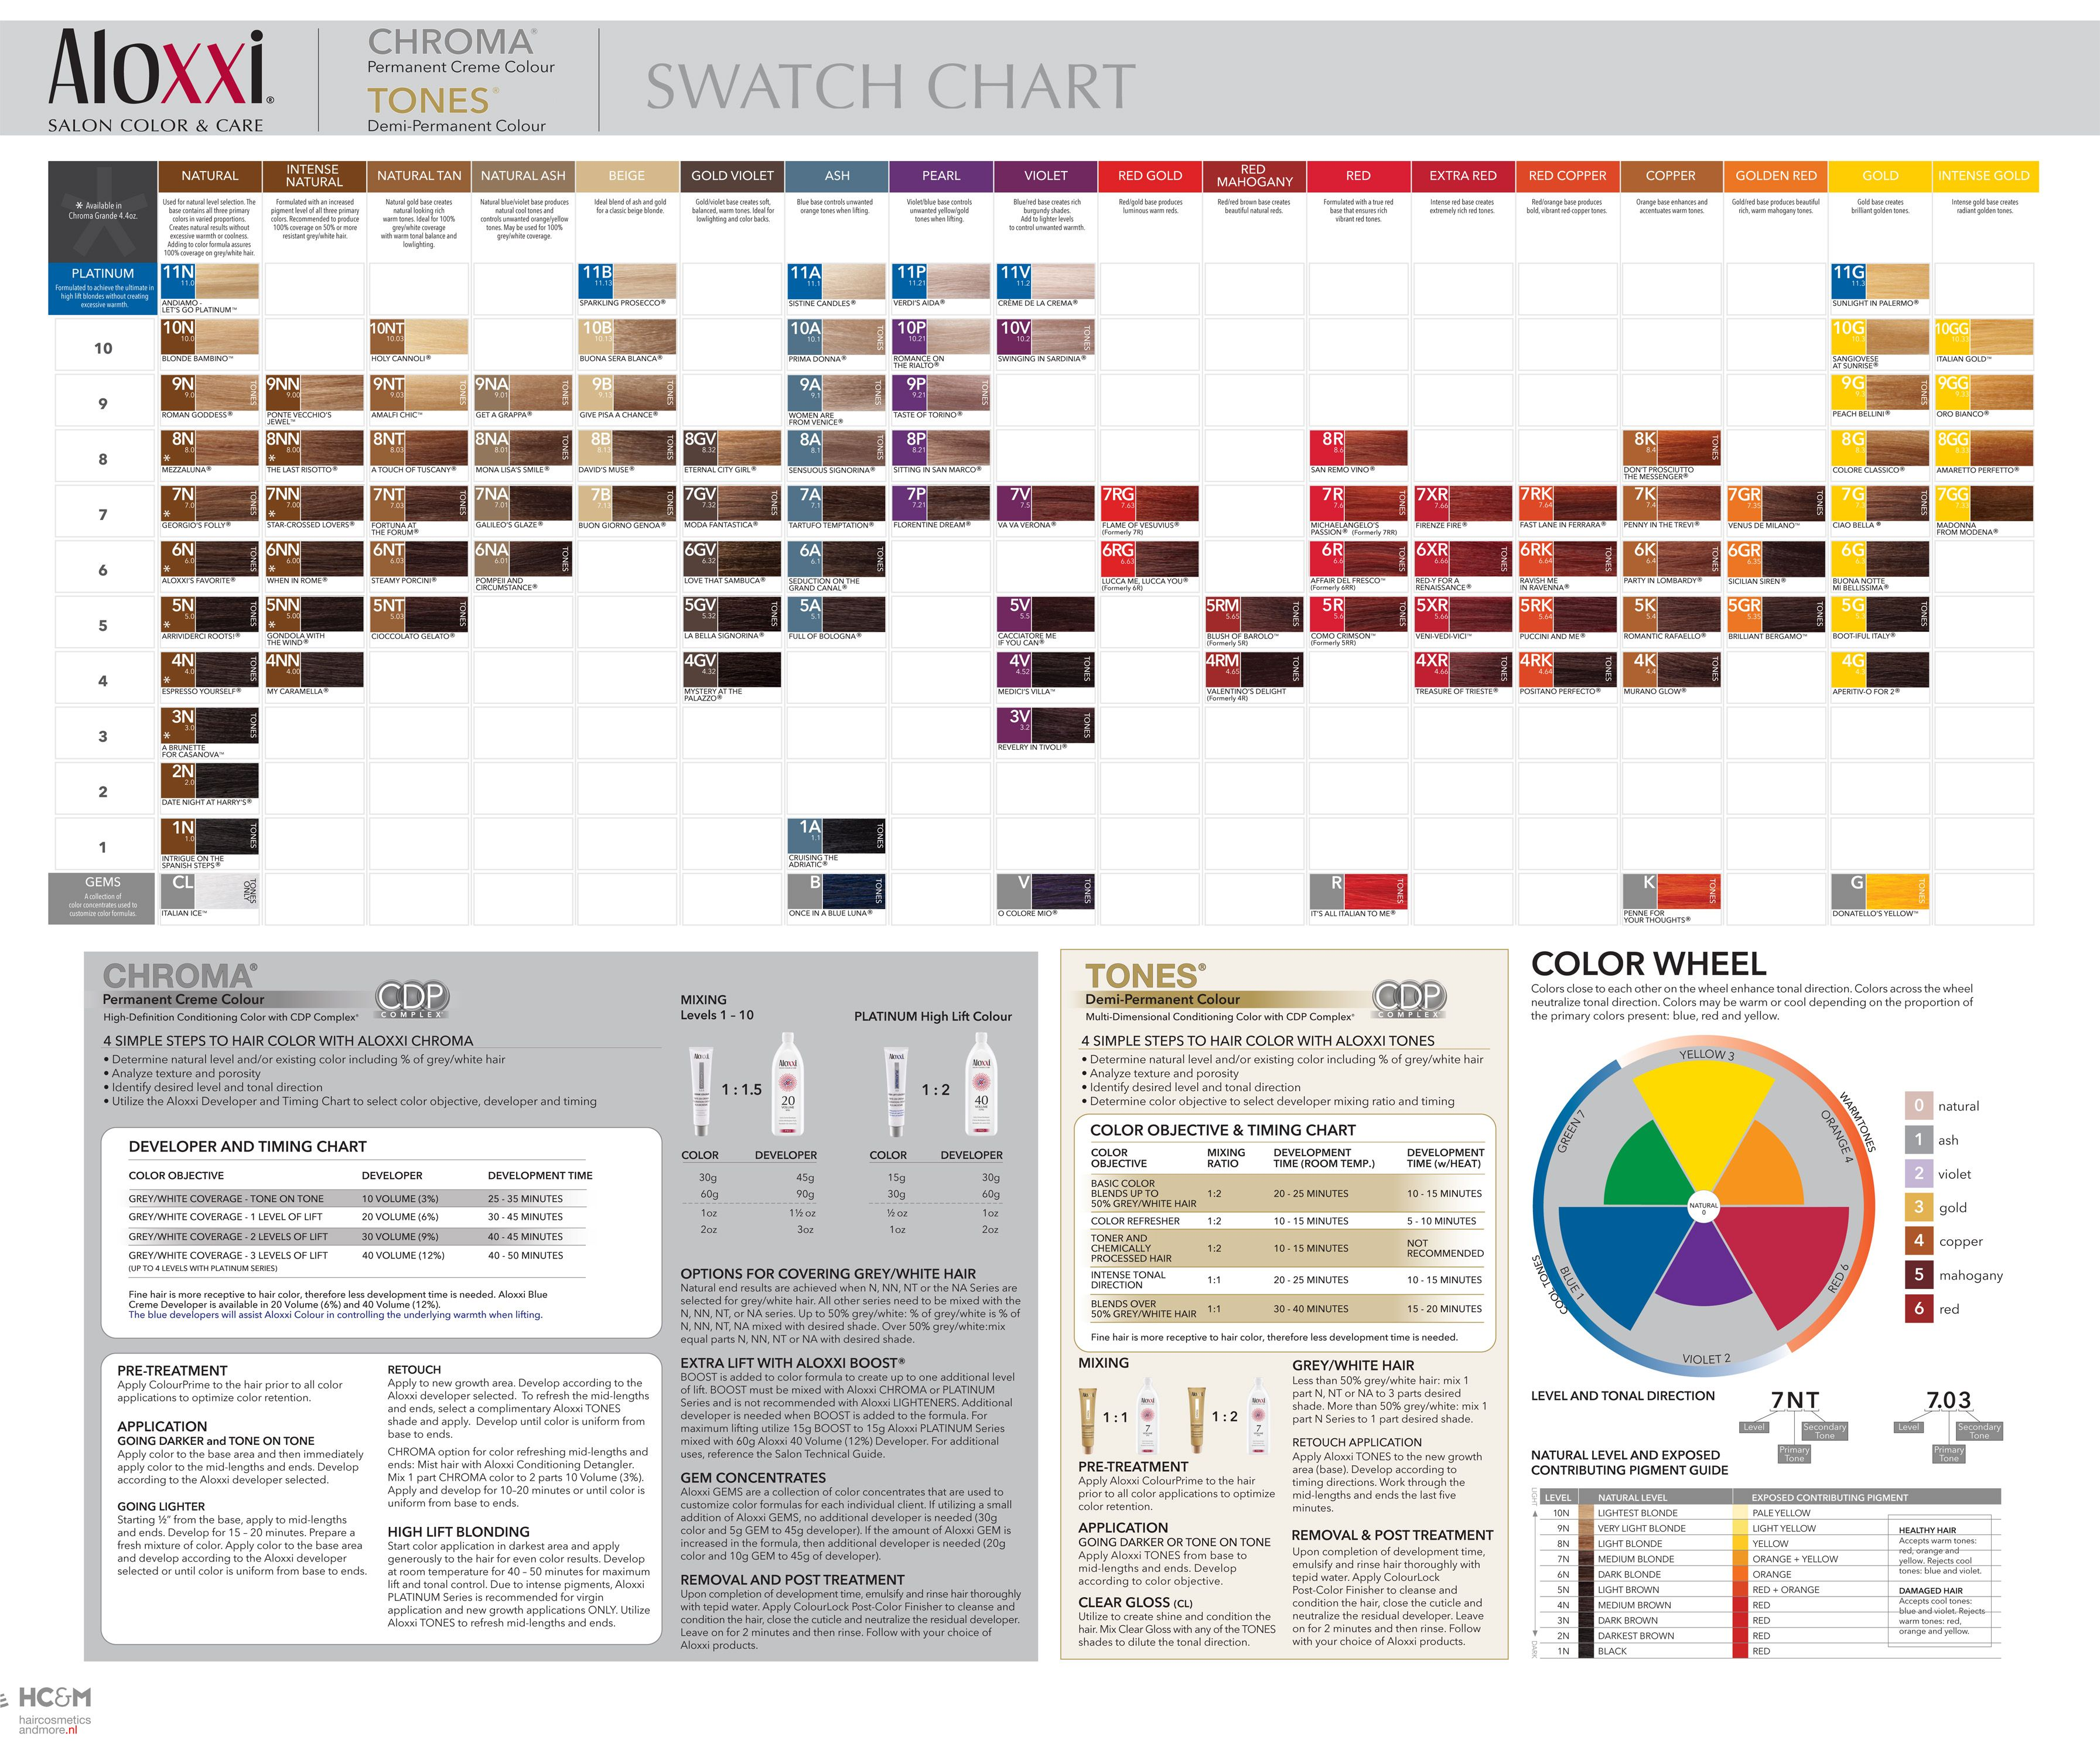 Aloxxi chroma tones swatch chart 2014 twenty three in 2018